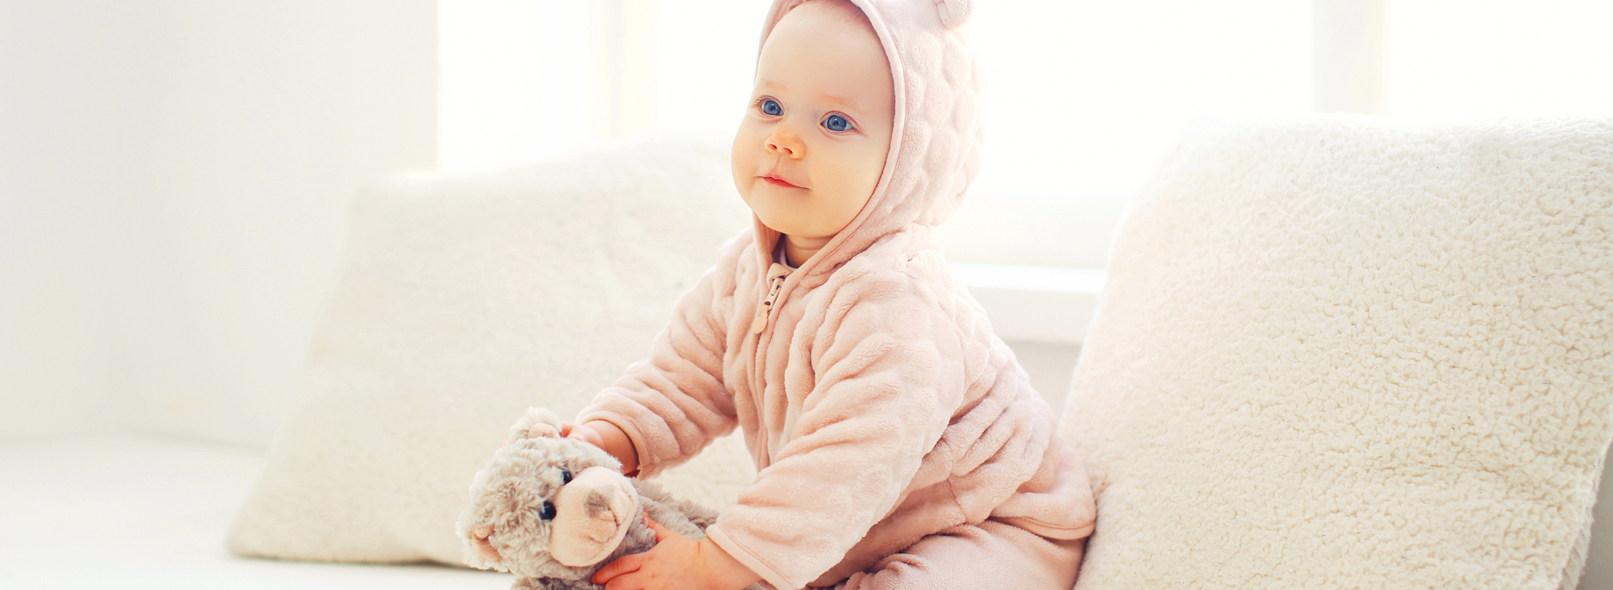 Soodsad mänguasjad ja lastekaubad imikutele ning väikelastele